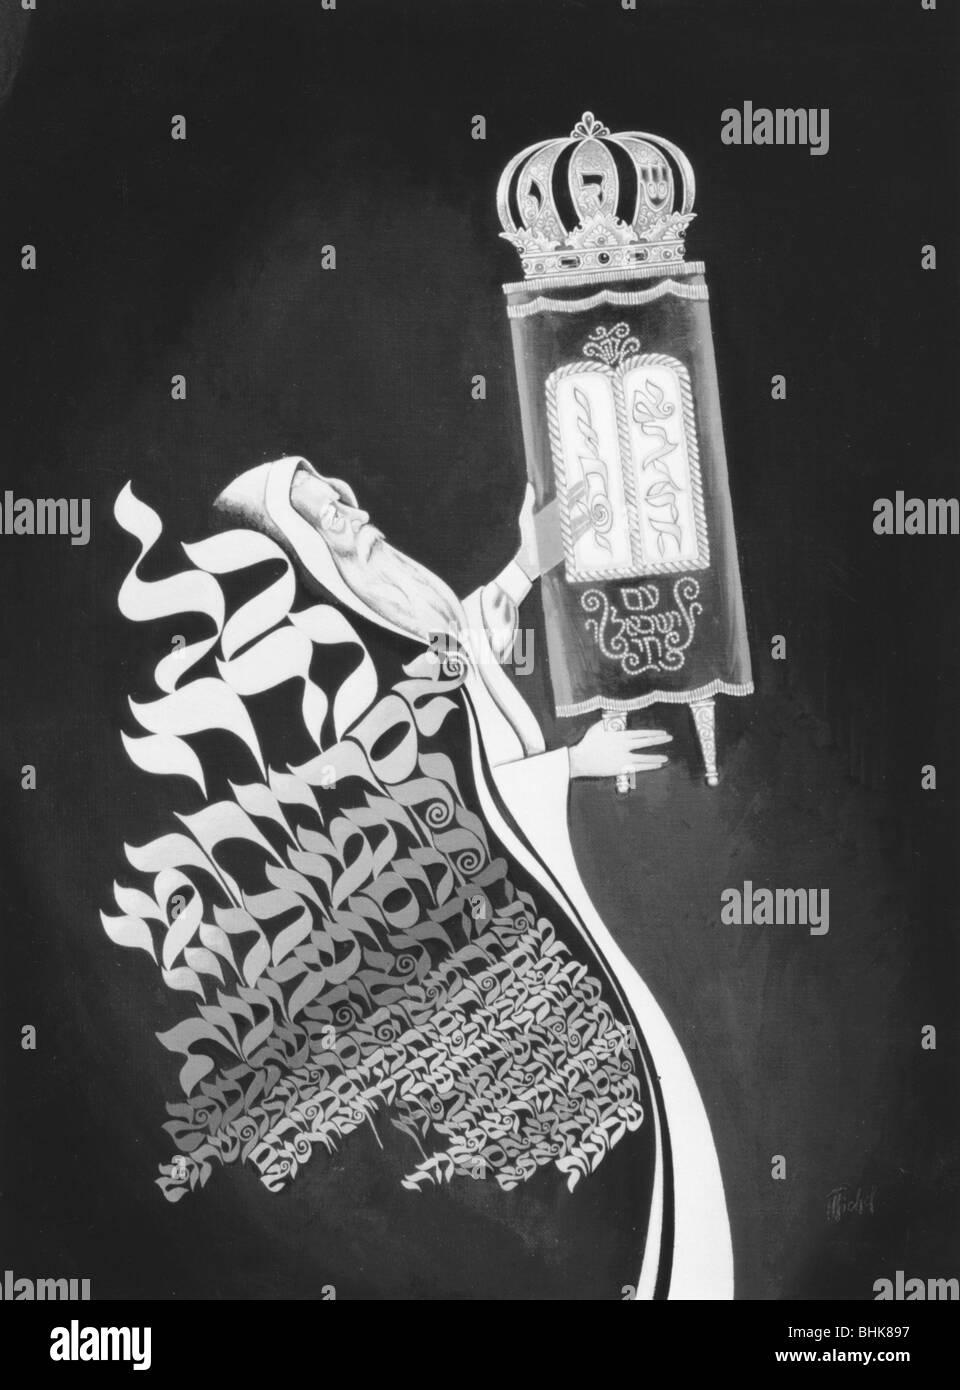 Yom Kippur - Stock Image